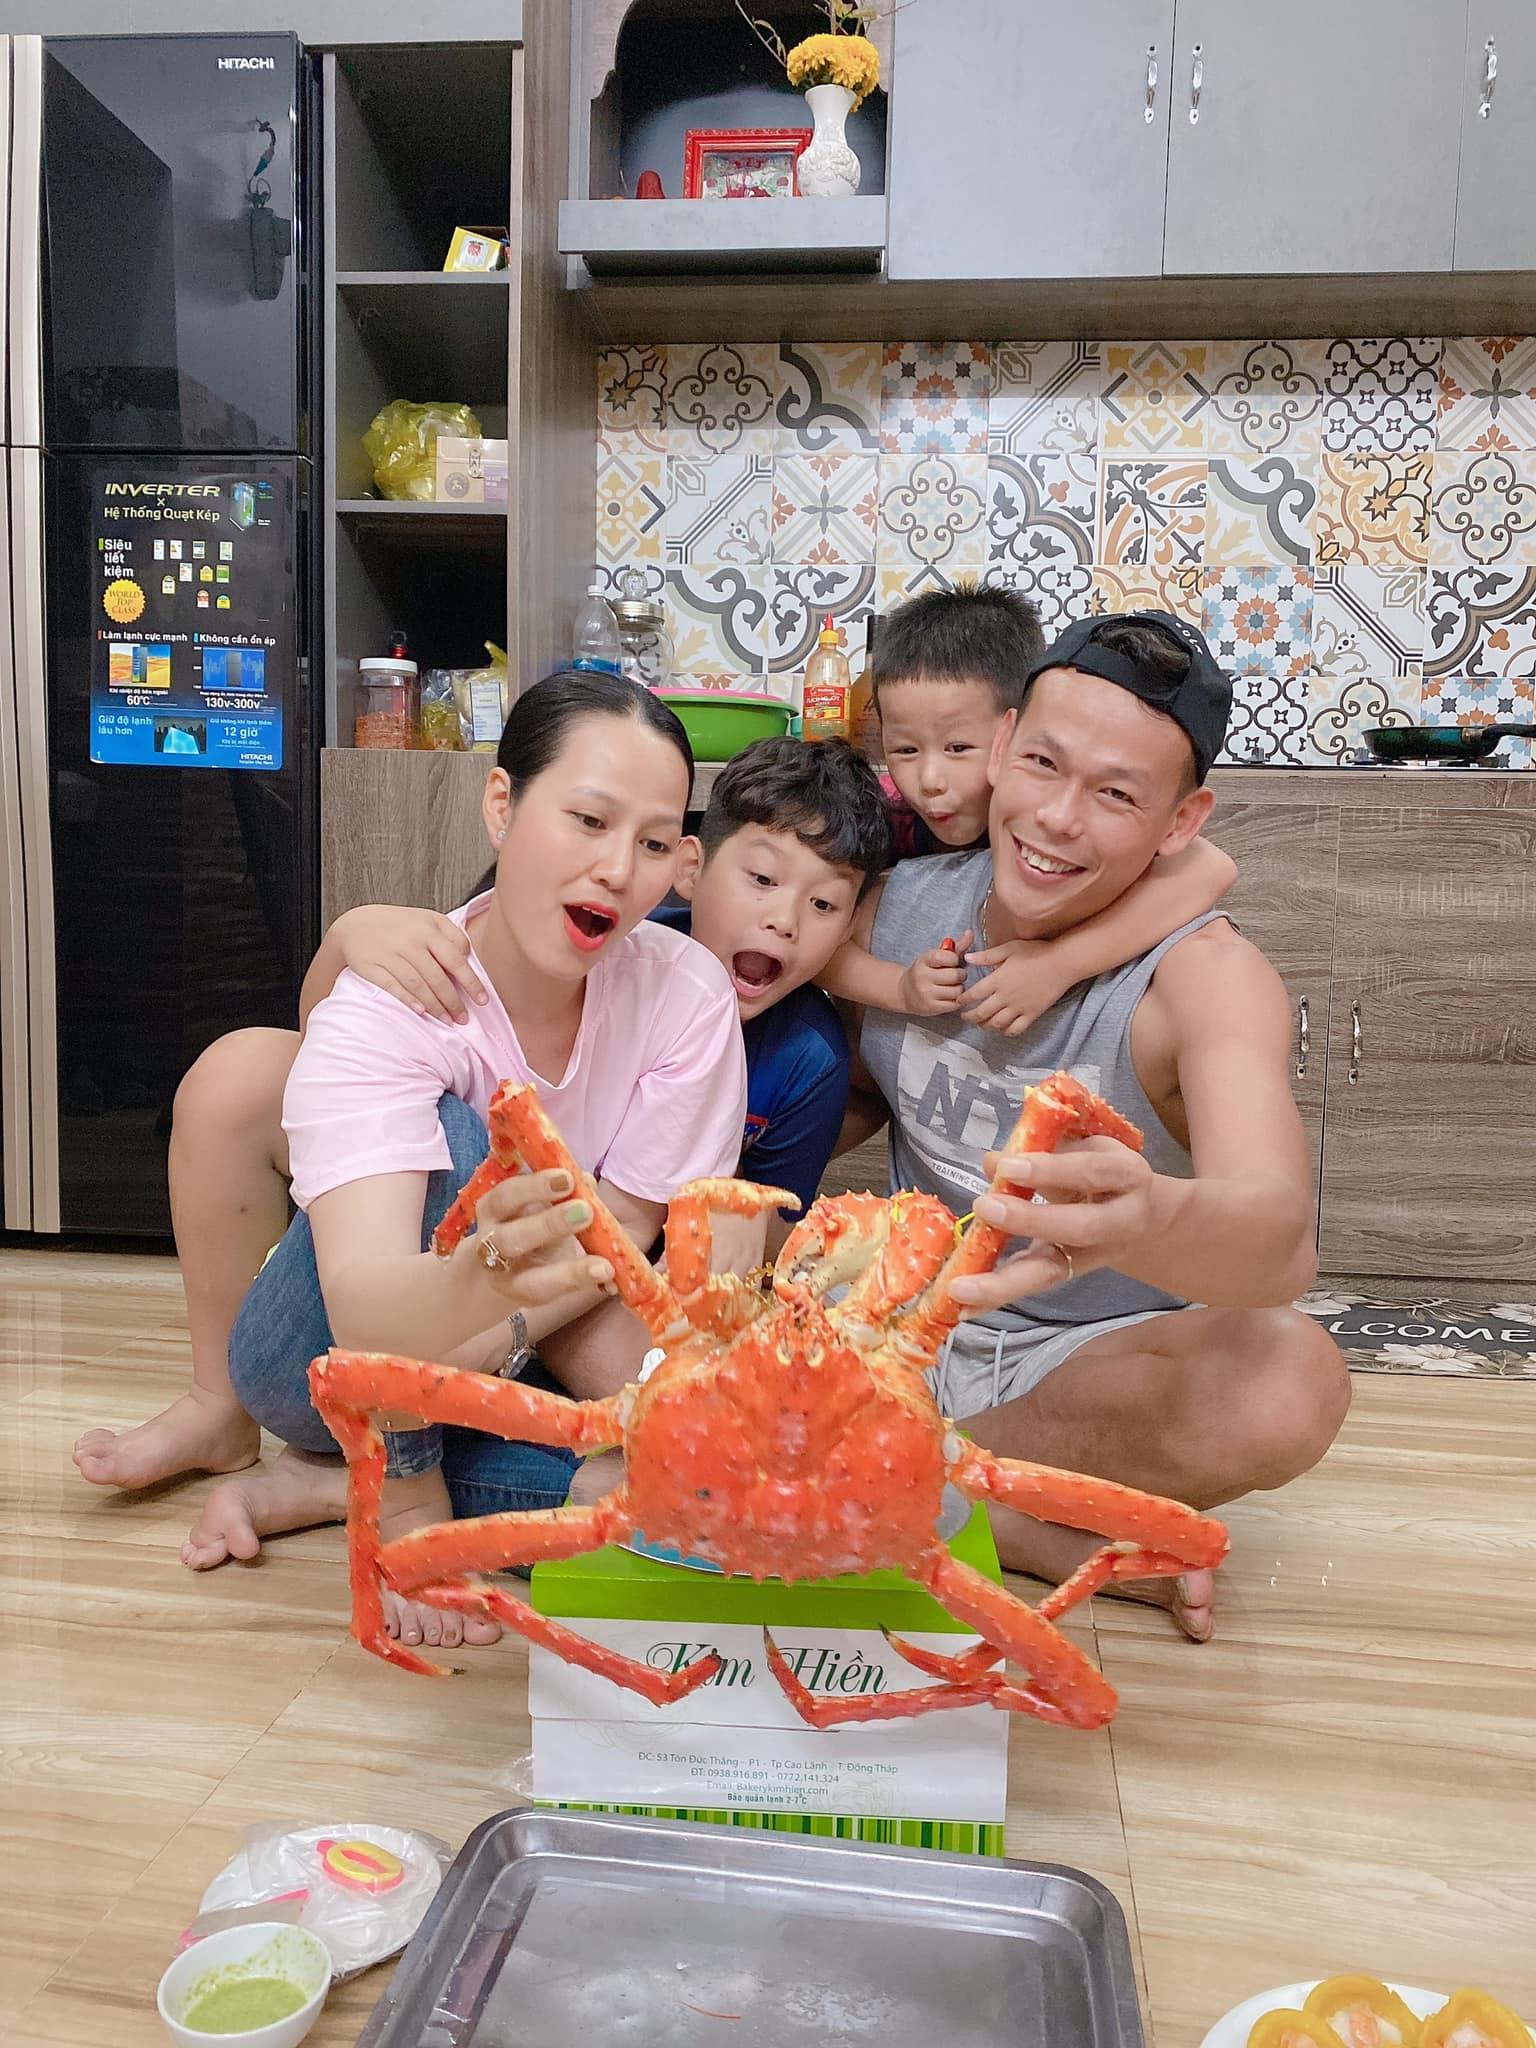 Chuyện tình xoắn não của ông chú Tấn Trường: Nhờ mê game mà quen vợ, nhờ vợ mà tiết chế game - Ảnh 3.